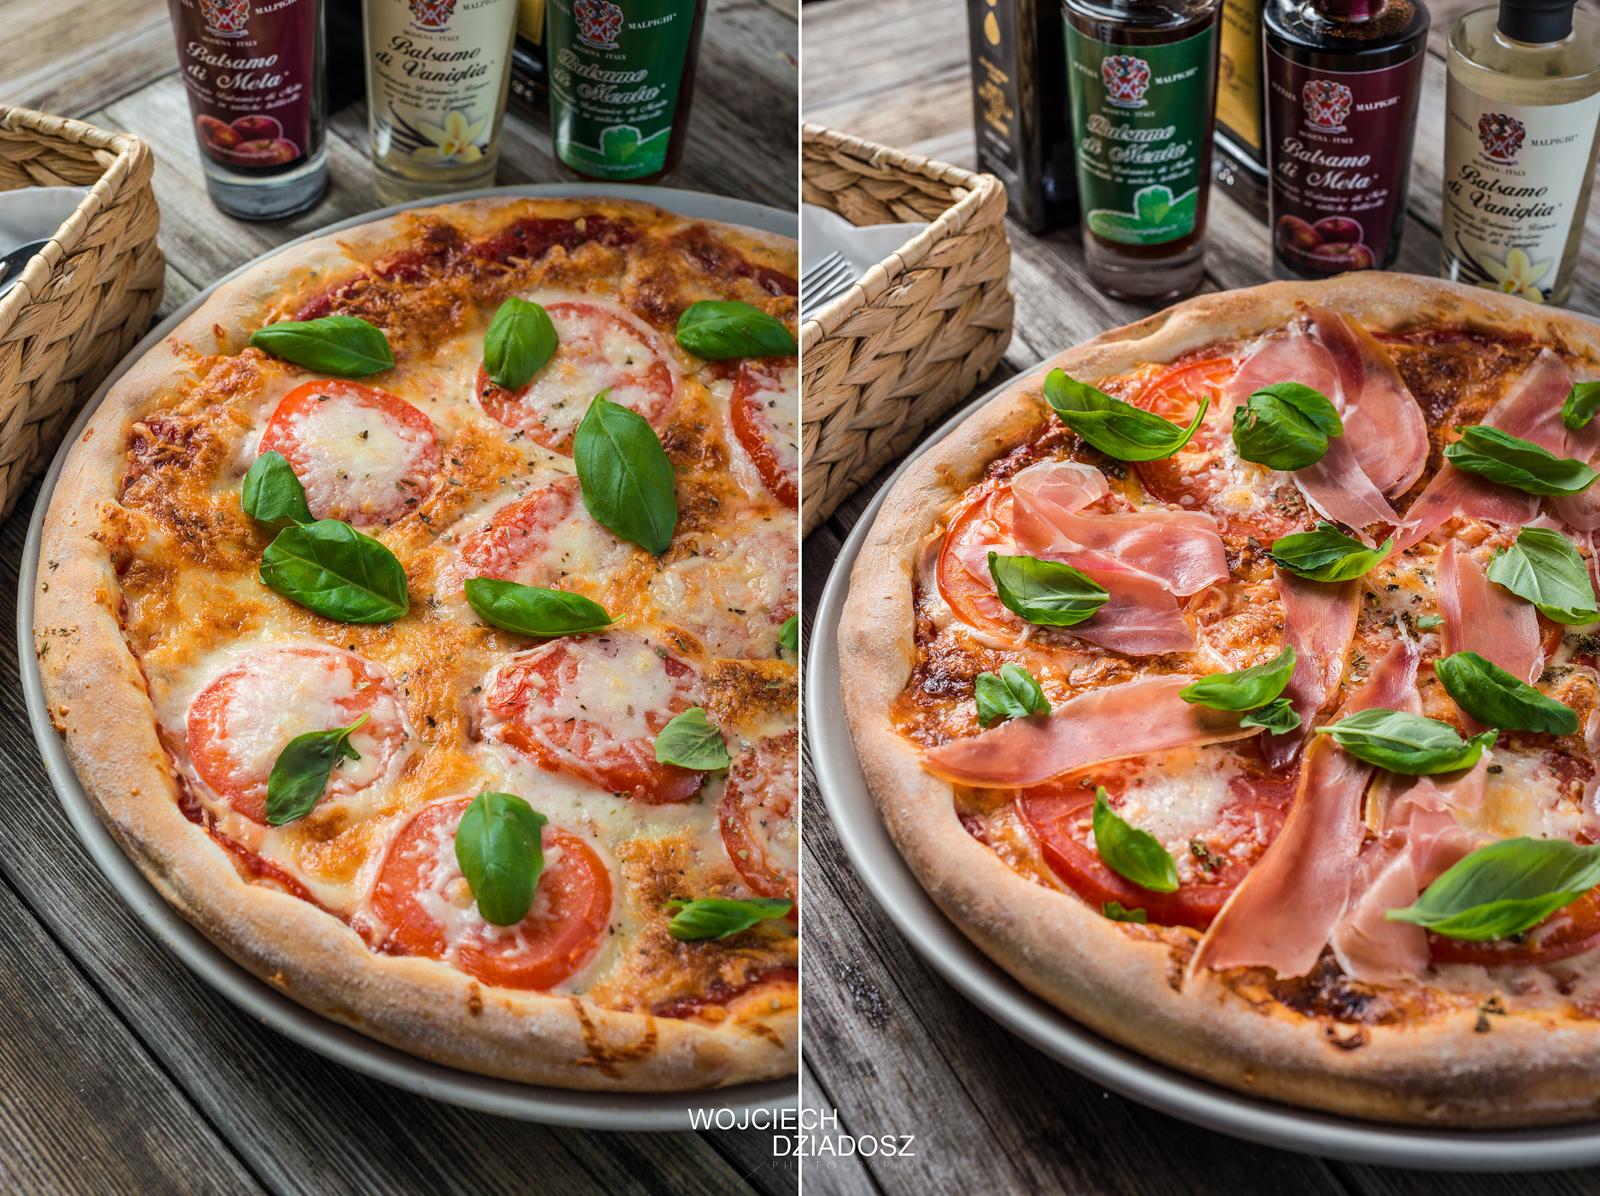 fotografia kulinarna wrocław - pizzeria sopranos 5